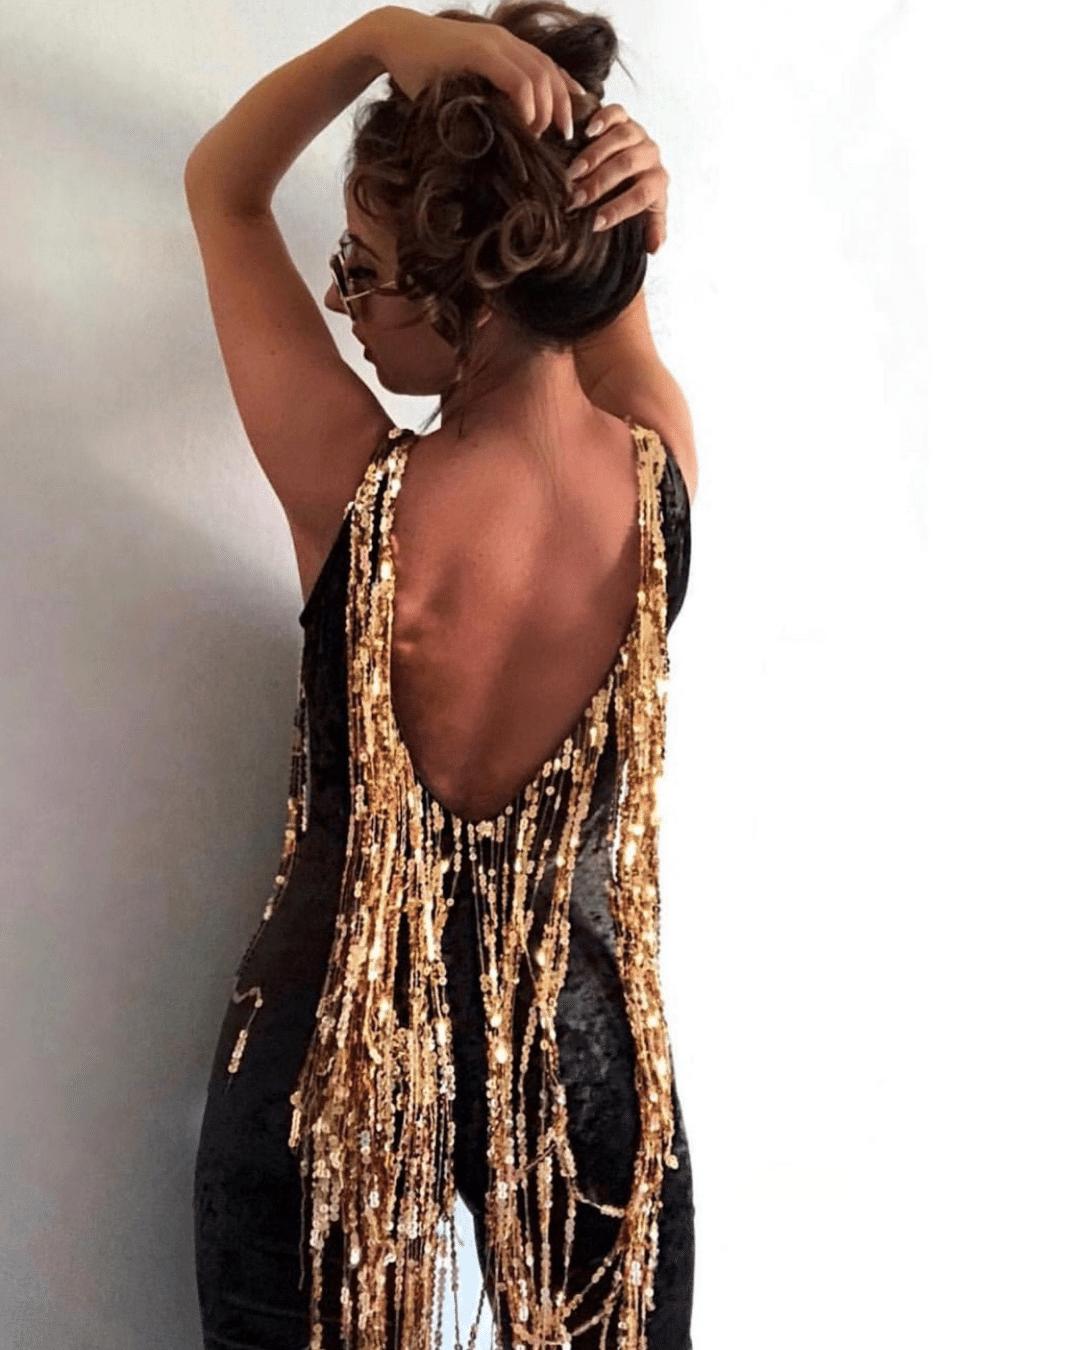 velvet and sequin festival catsuit